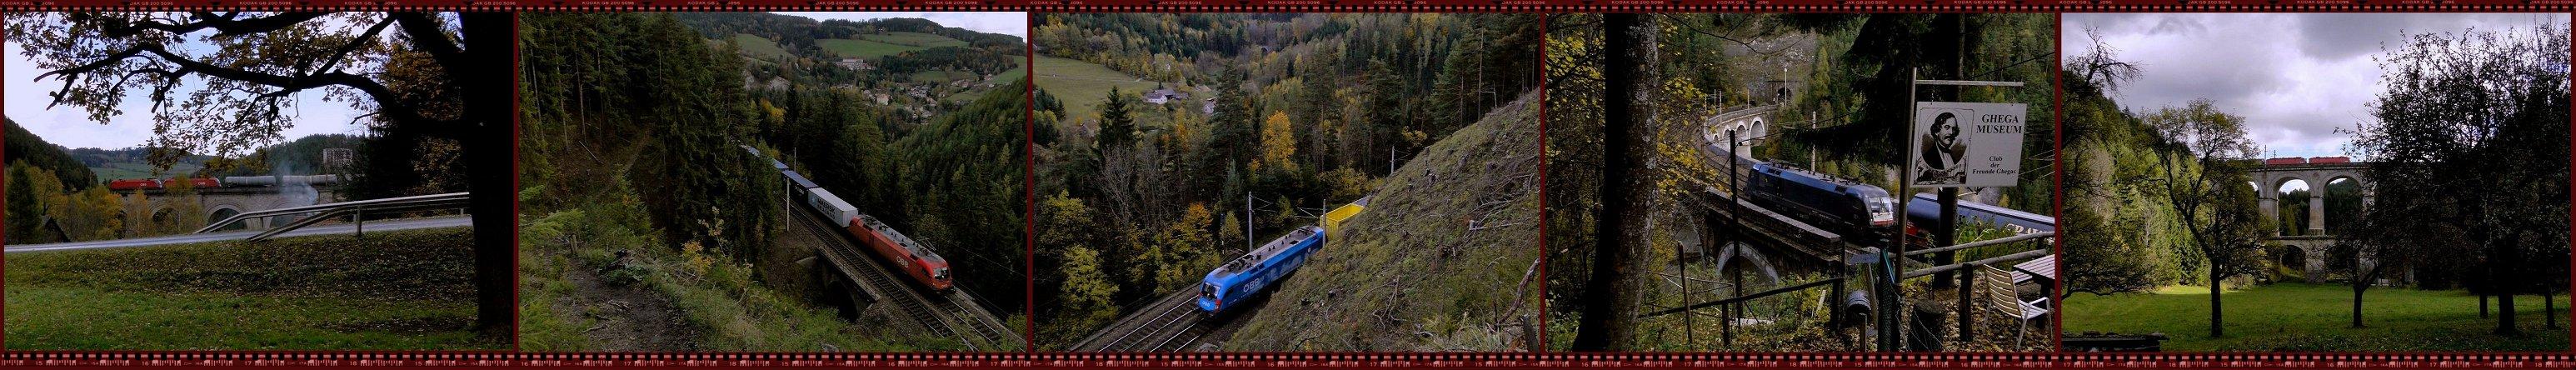 Südbahn-Exkursion 2013 - Ein Tag mit vielen neuen ...